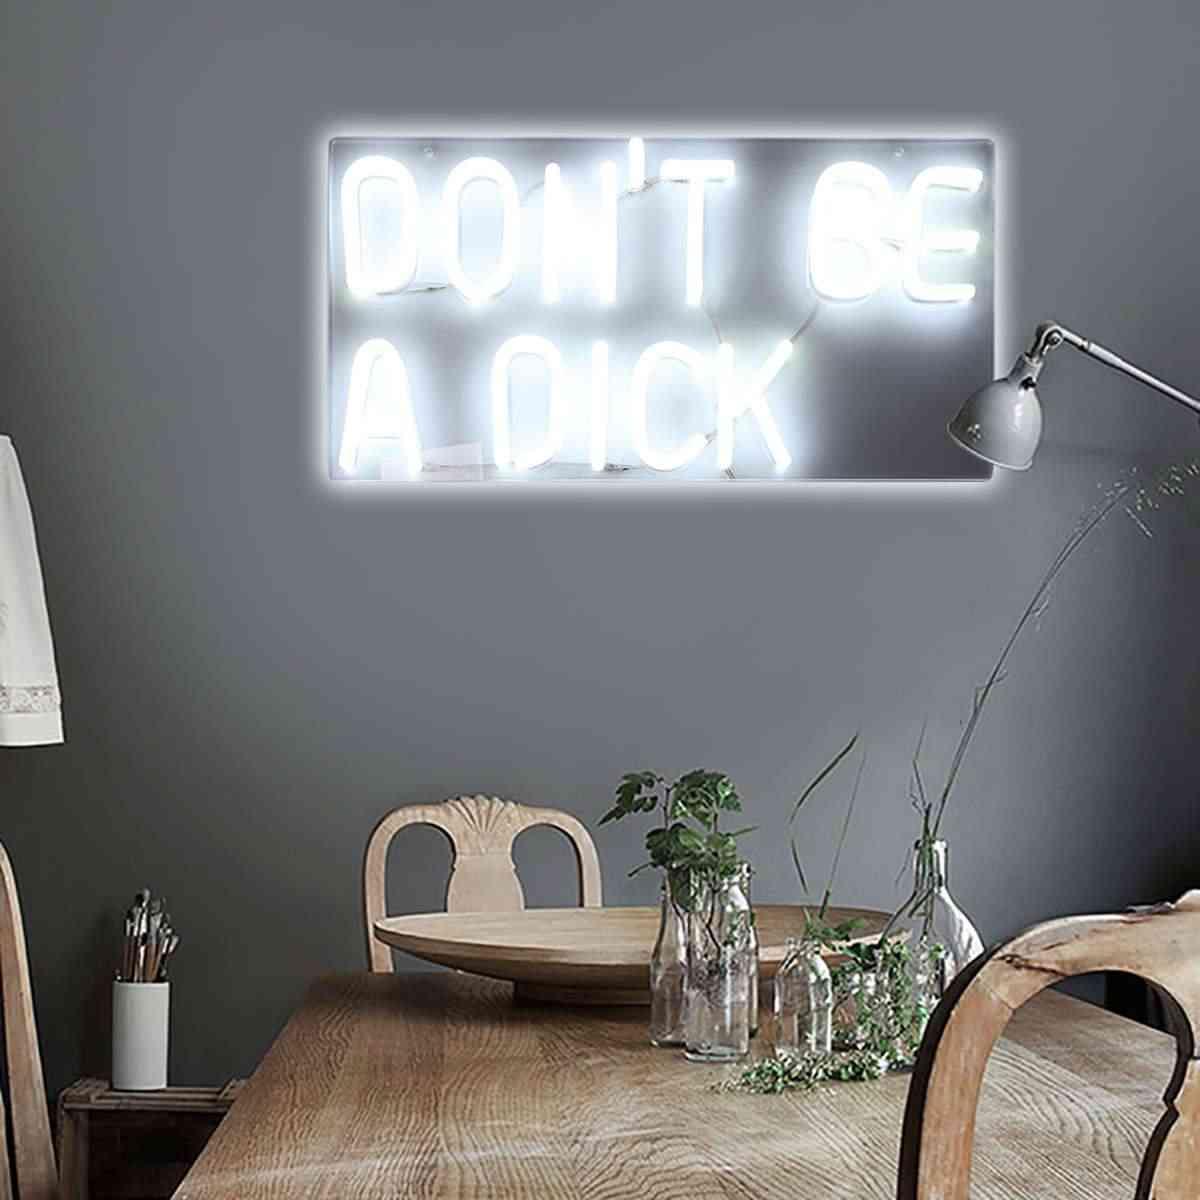 Yok Bir Dick LED Neon Sanat Burcu Görsel Yapıt Ev Yurt Parti bar LED ışığı Tüp Neon Lambası Duvar Dekor noel Aydınlatma